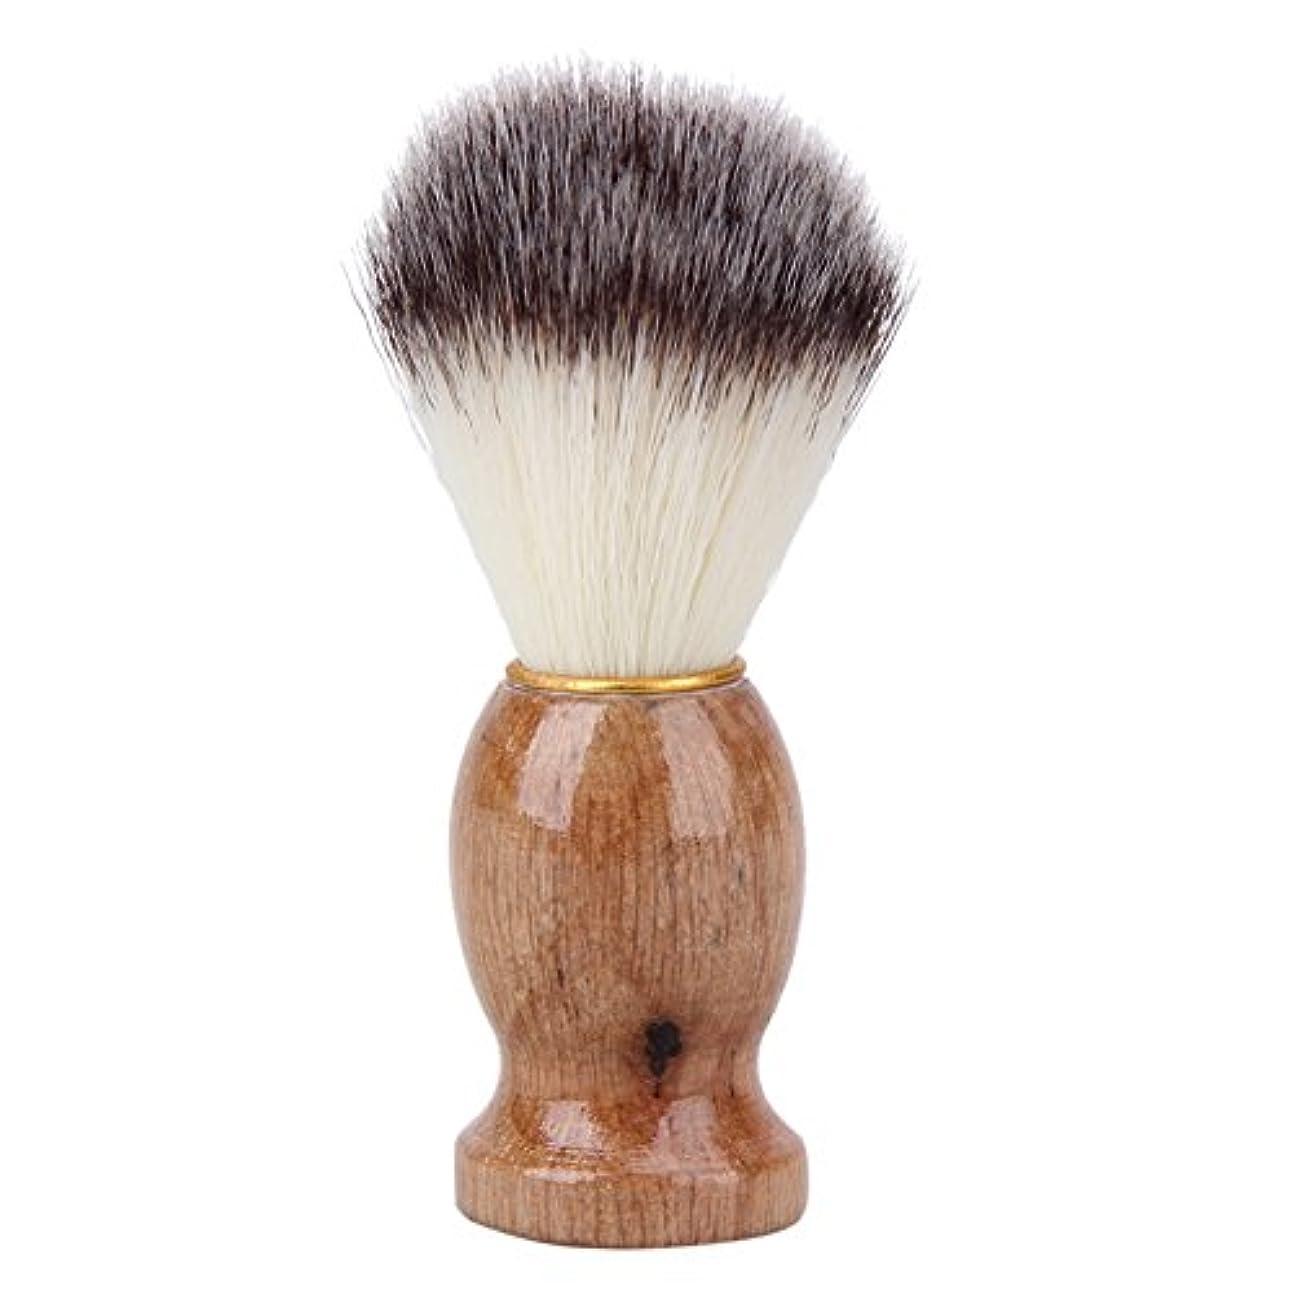 副詞常識すずめゴールデンサークル、男性、ひげブラシ、シェービングブラシ、美容ツール